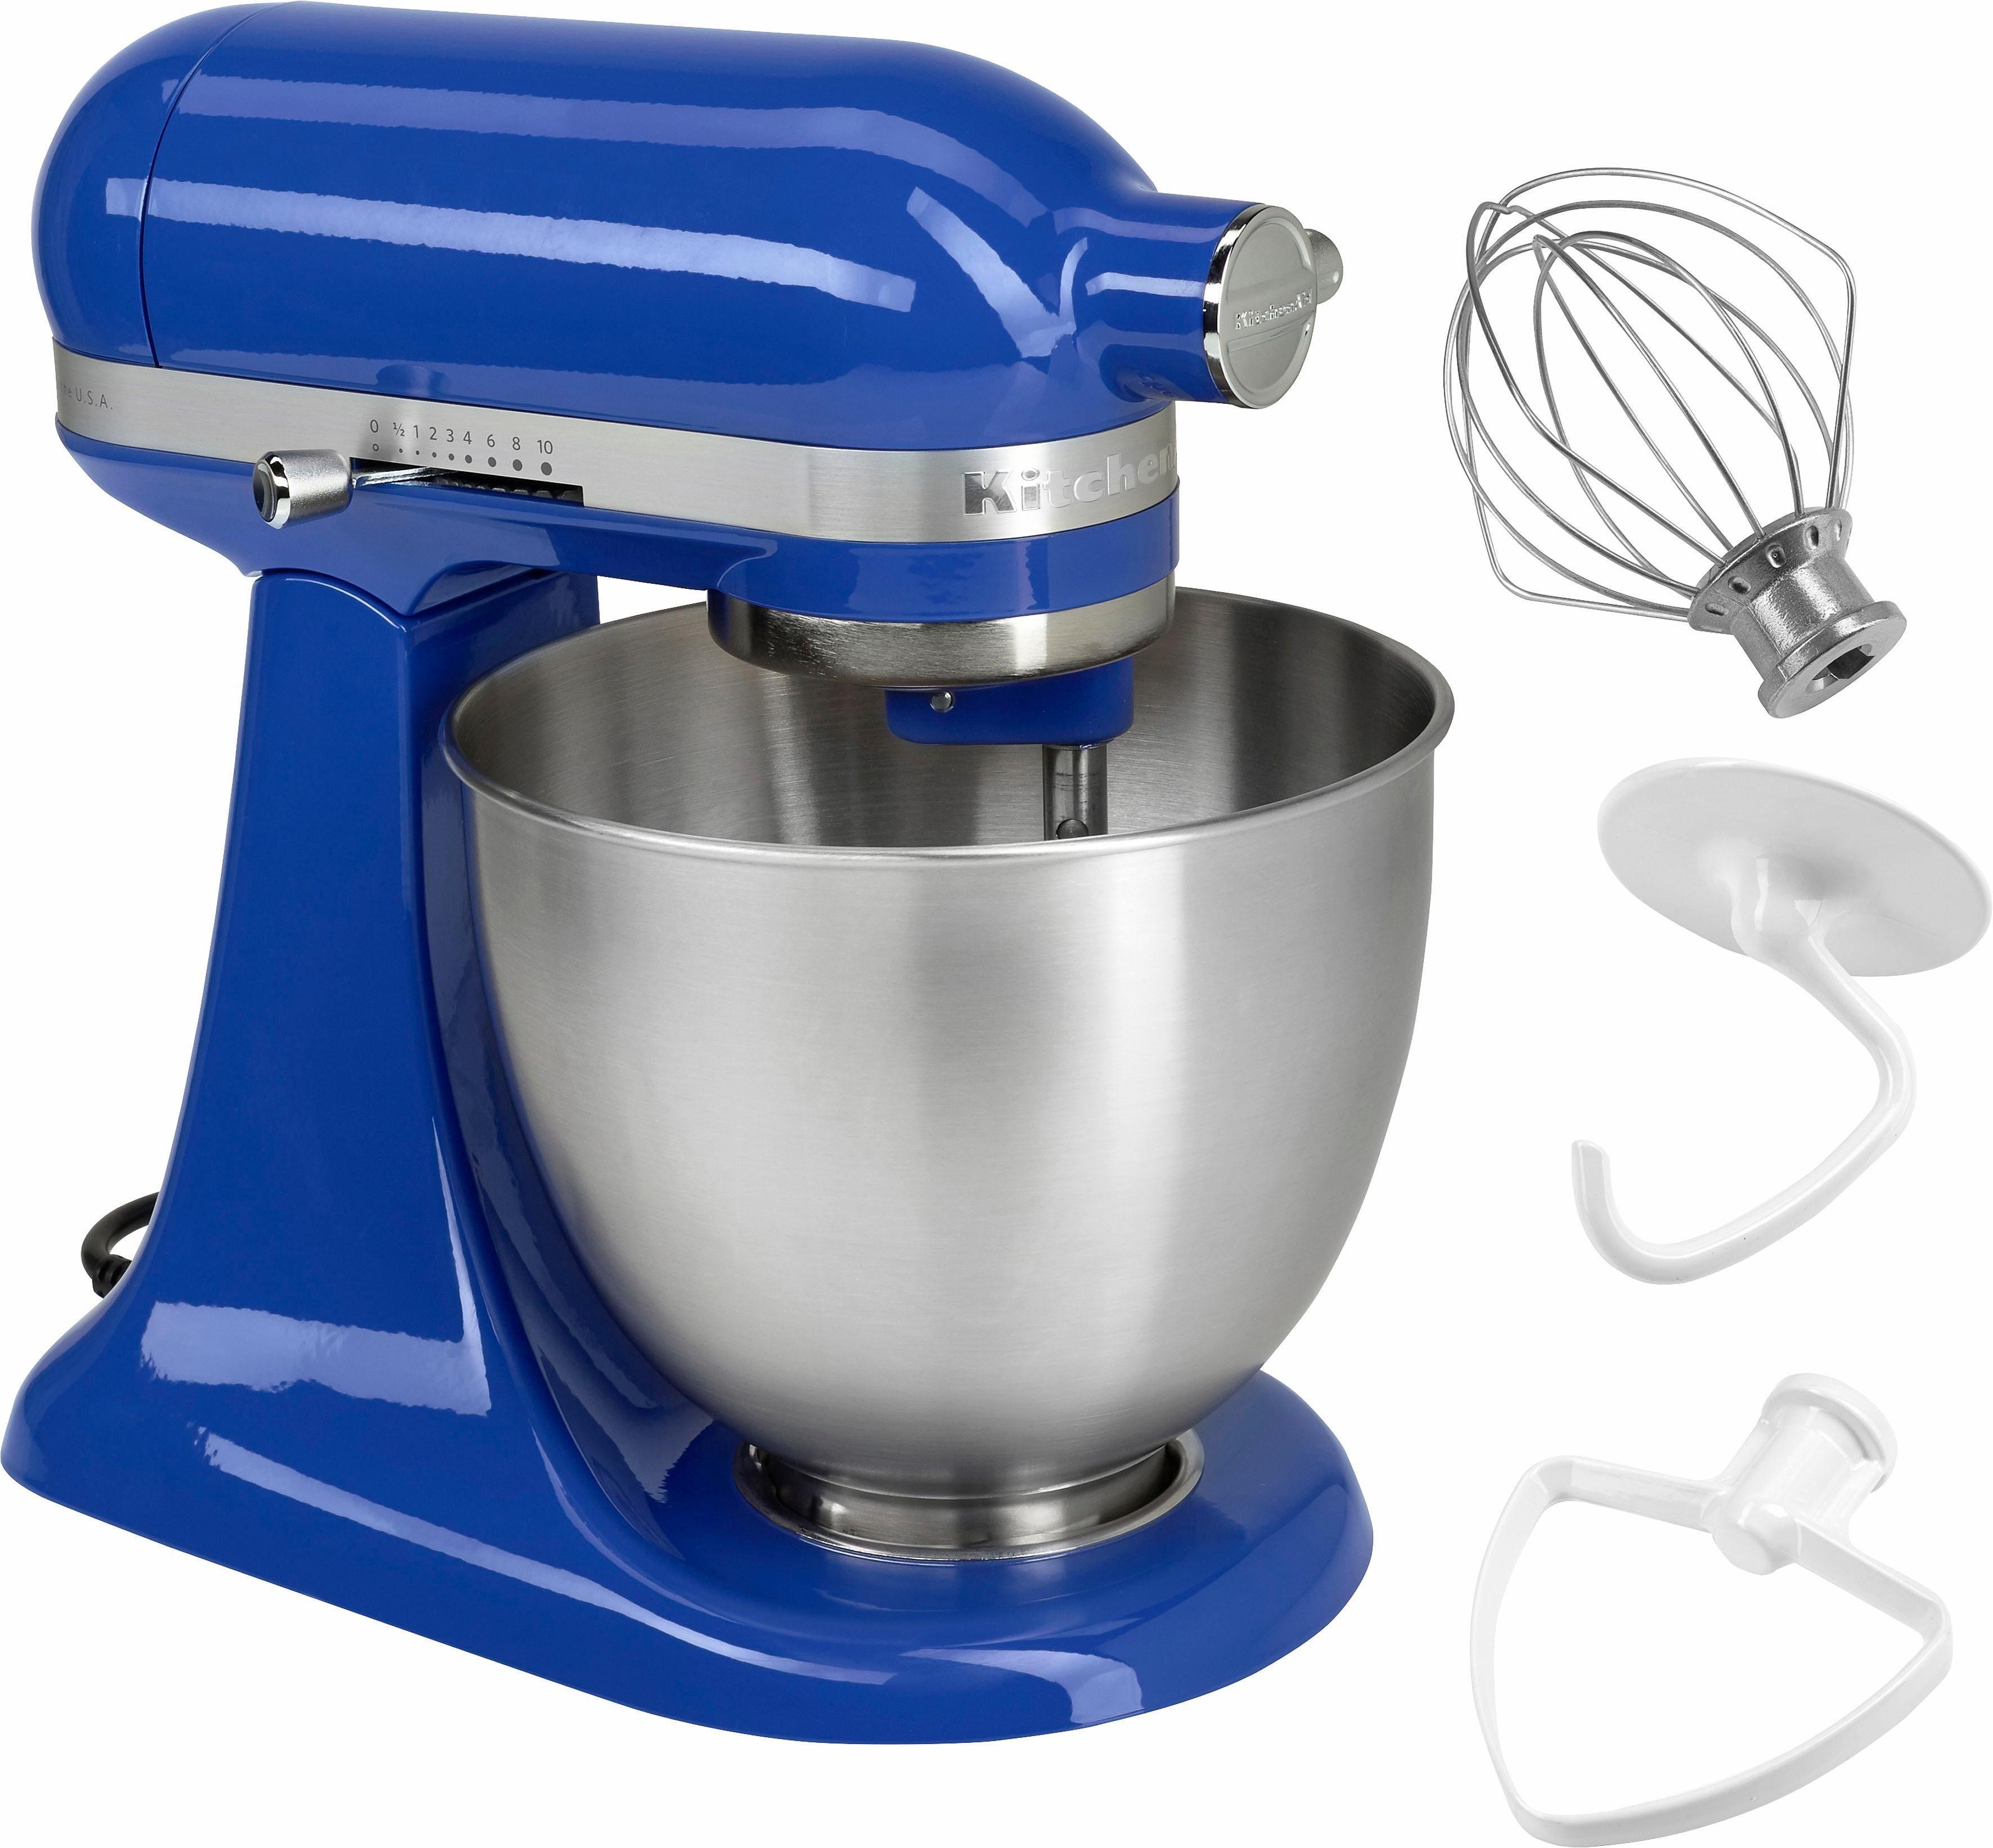 KitchenAid® Küchenmaschine Mini 5KSM3311XETB, mit Sonderzubehör im Wert von 139,-€ UVP